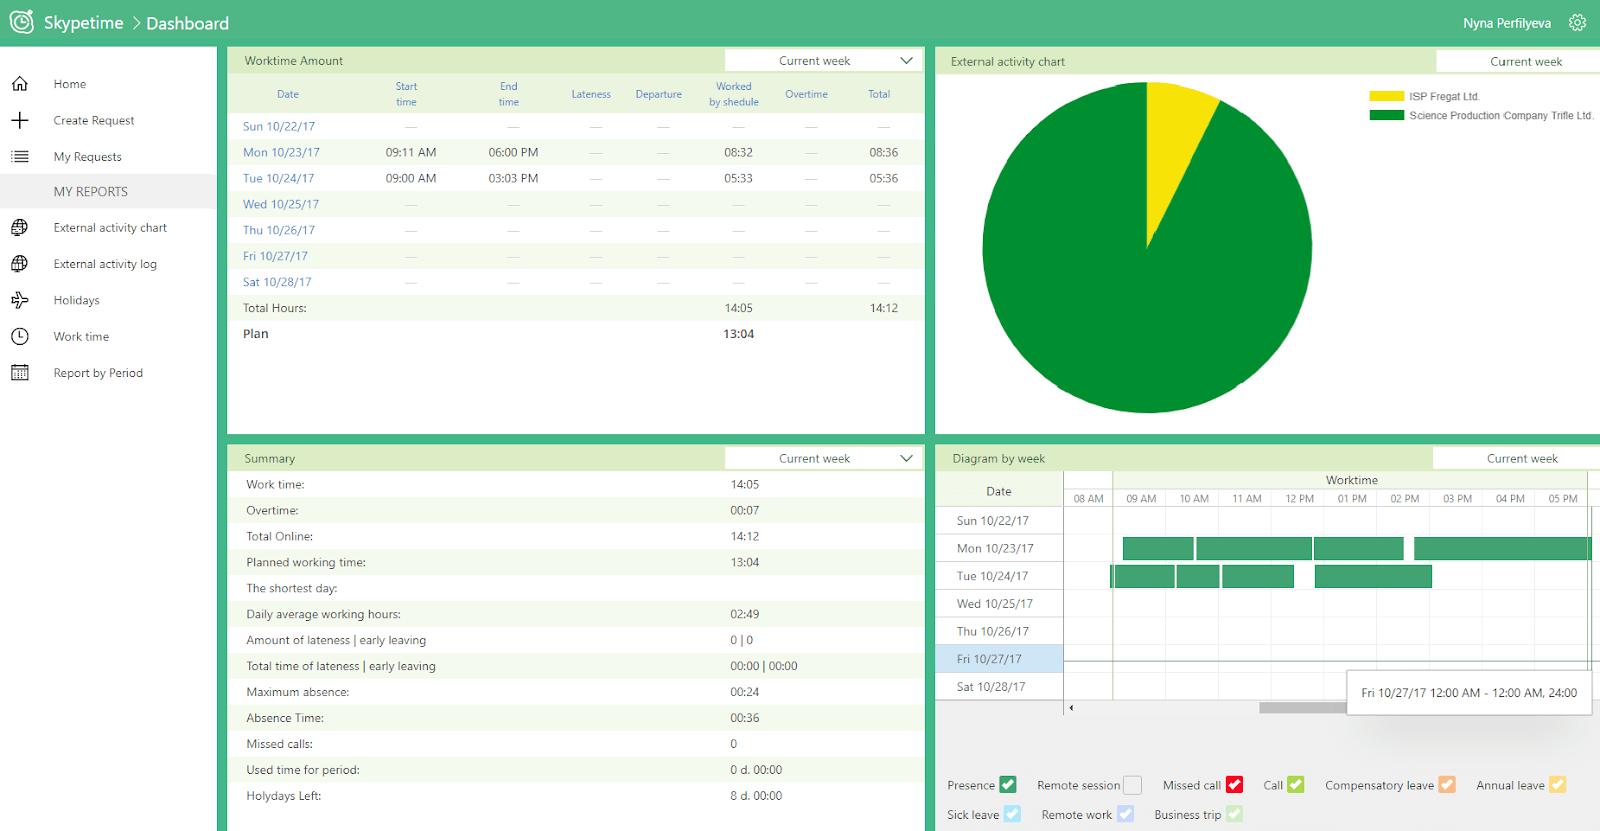 skypetime time tracker for work